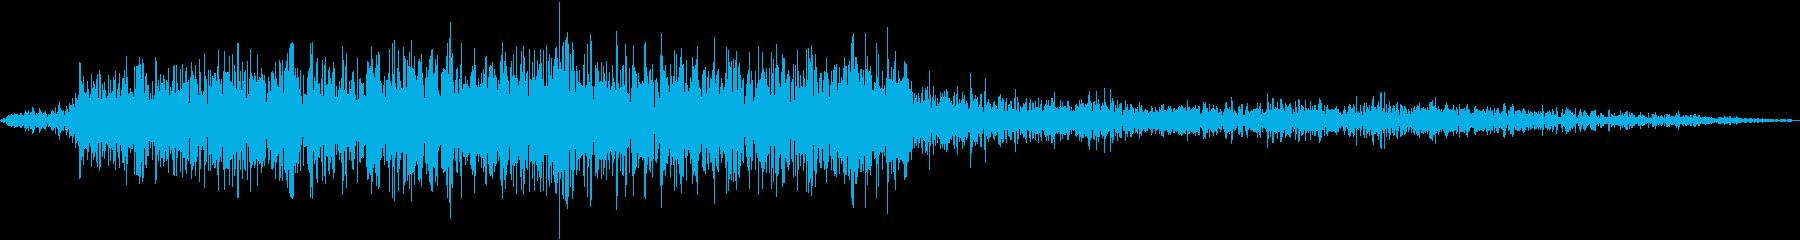 【ゲーム】 火 属性 02の再生済みの波形